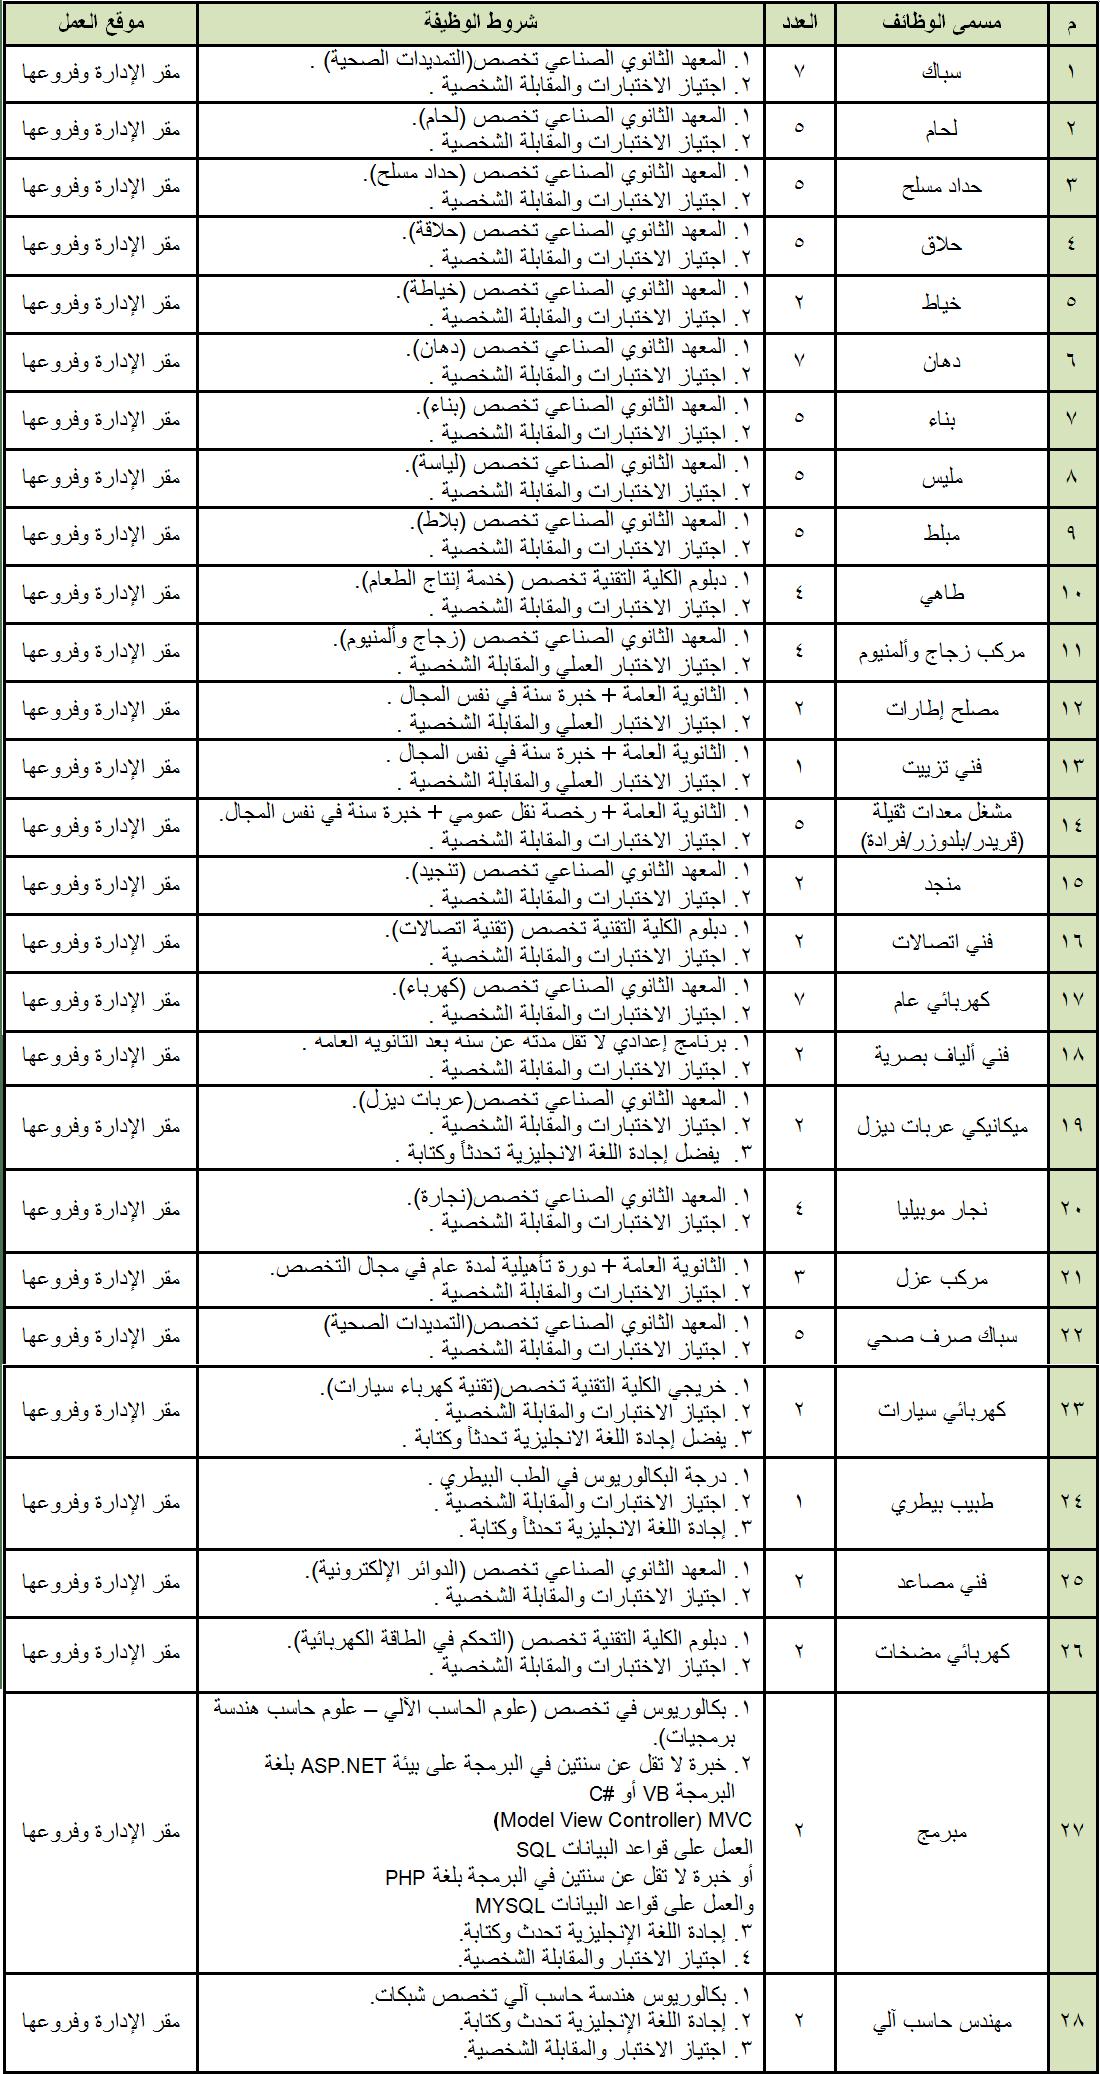 إدارة مدينة الملك فيصل العسكرية تعلن عن فرص وظيفية شاغرة Tiy Music Sheet Music